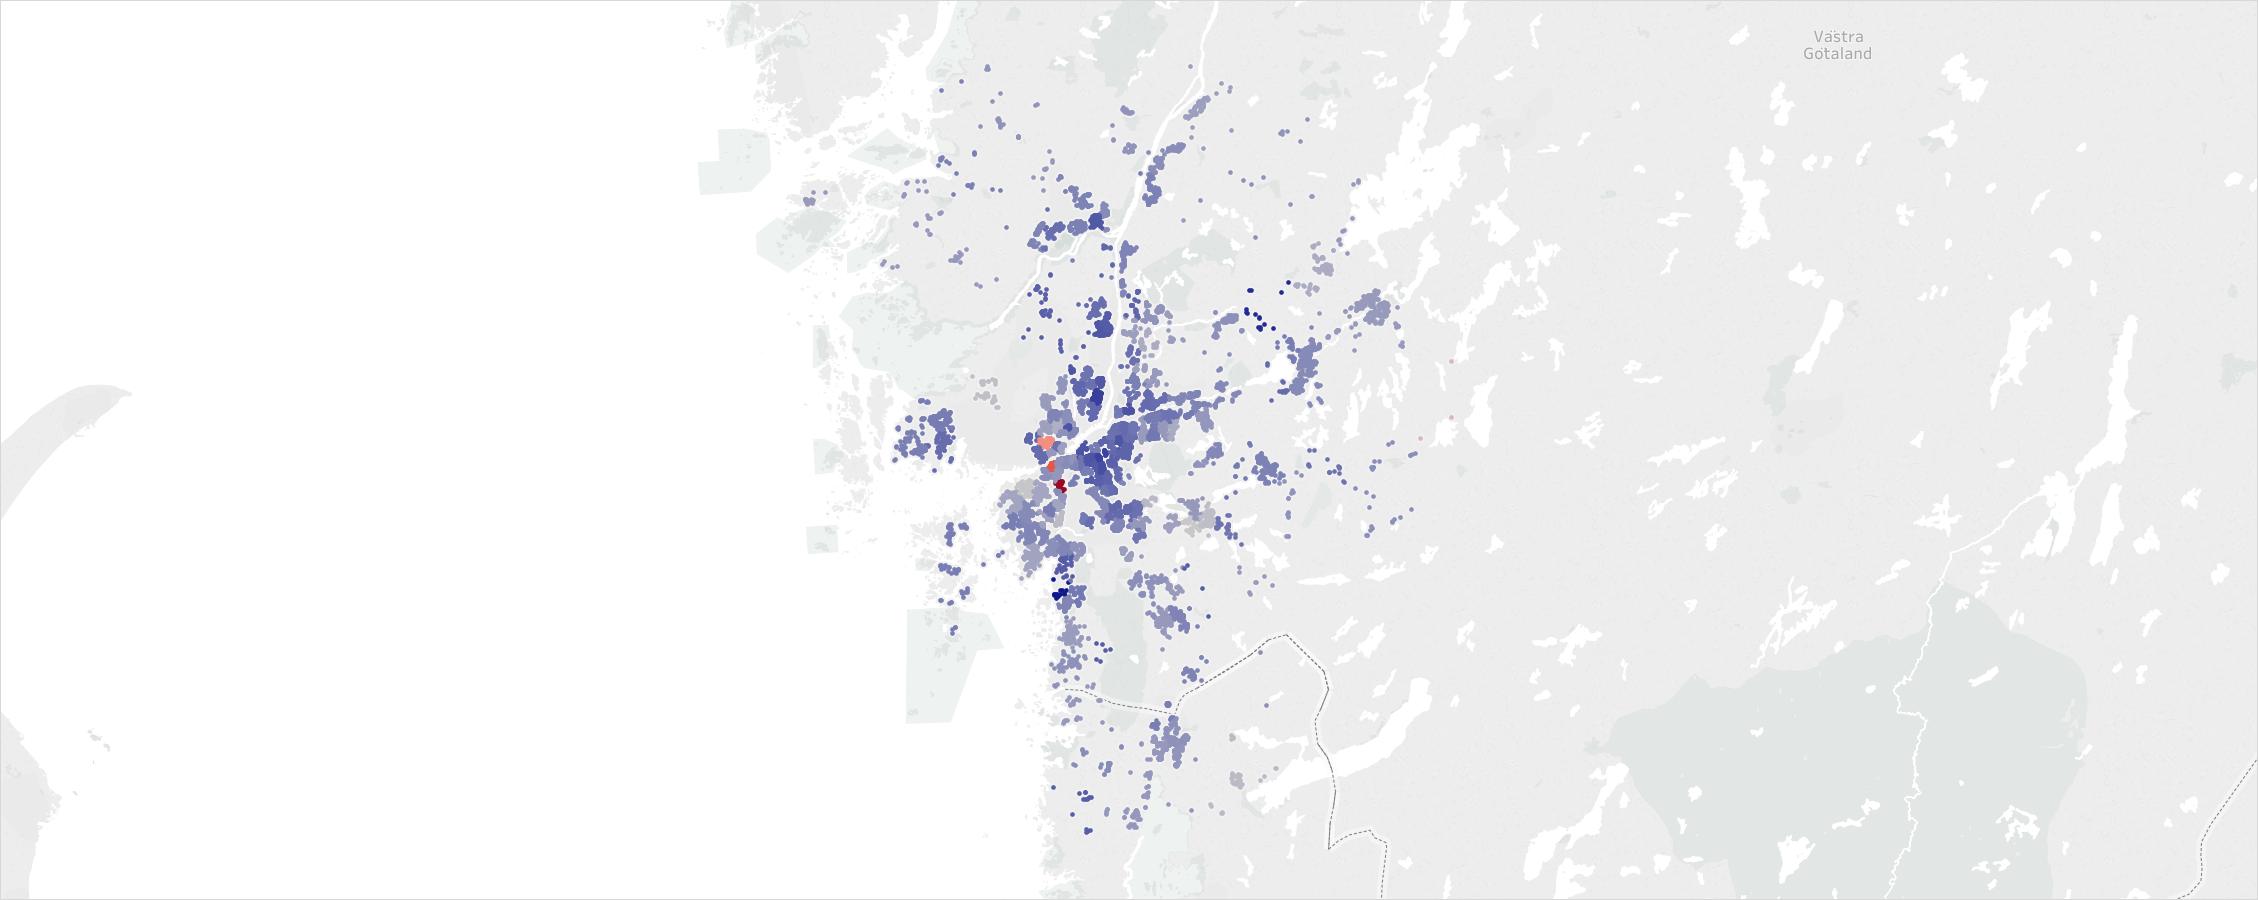 Prisutvecklingen per kluster där mörkt blått indikerar stark tillväxt och rött indikerar negativ tillväxt.